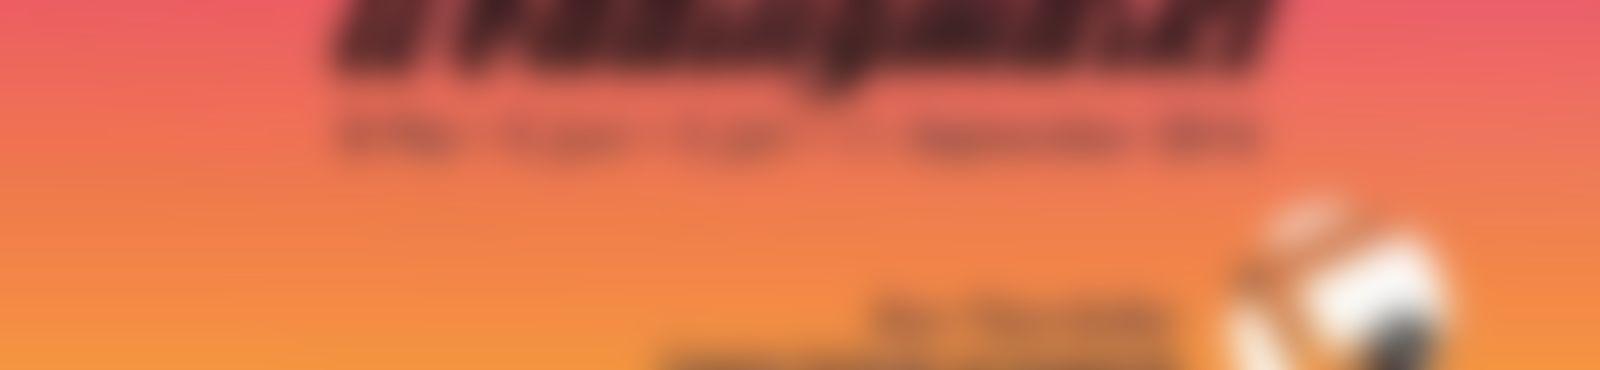 Blurred 13230216 845297198930661 1323711458949254090 n